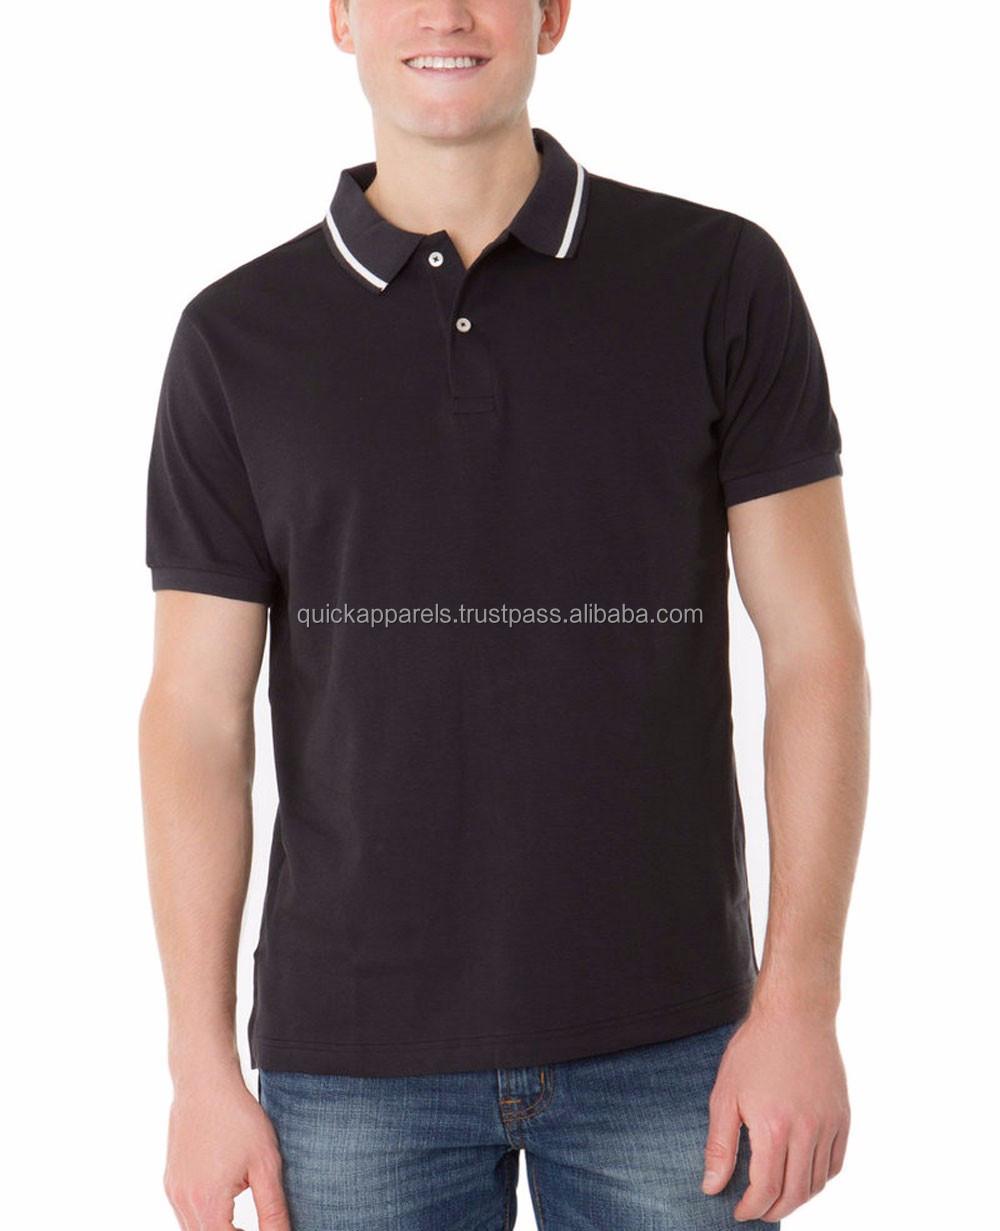 Promotional Customised Polo Shirts Bcd Tofu House